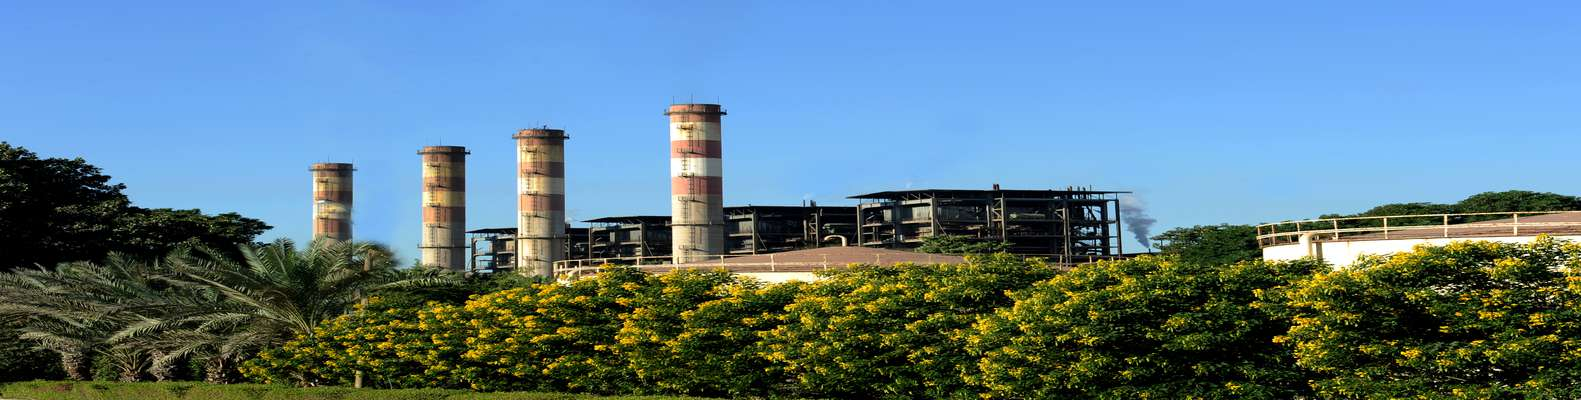 تولید نیروگاه بندرعباس از مرز 2.8 میلیون مگاوات ساعت گذشت